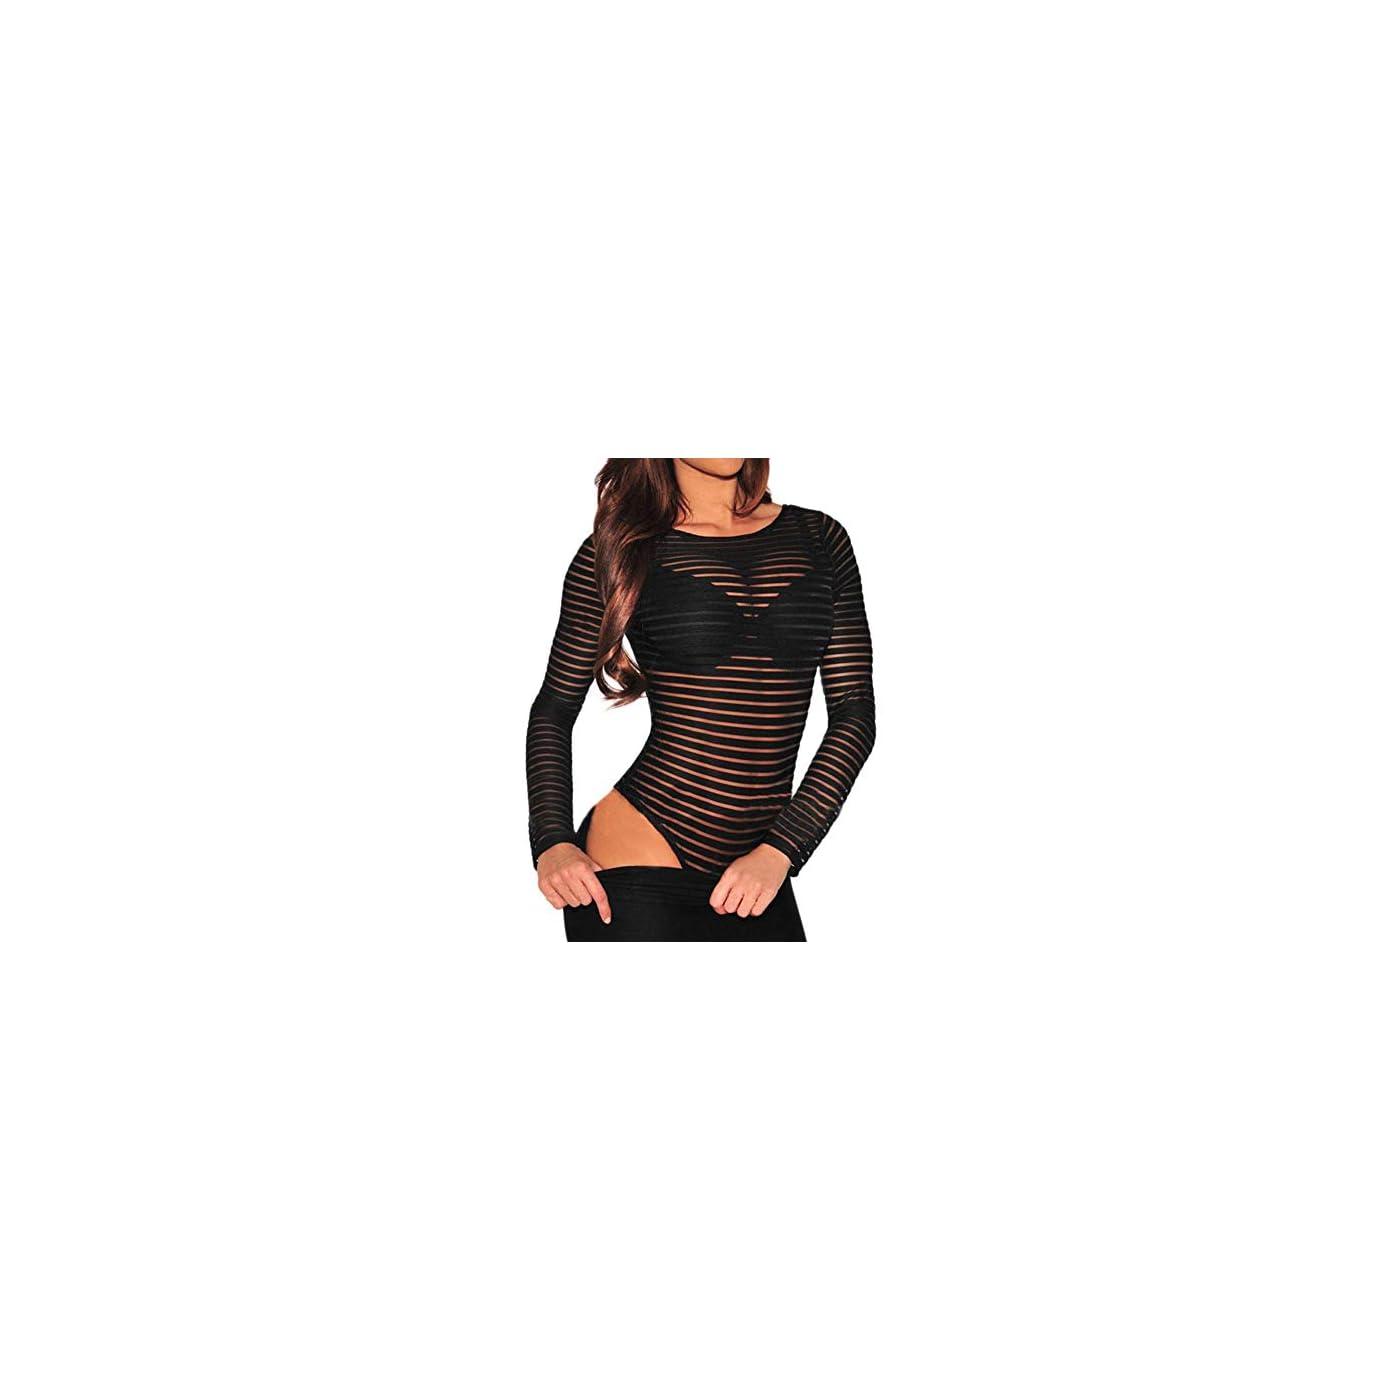 Shawhuwa Womens Sexy Sheer Striped Long Sleeve Bodysuit Tops Clubwear 51yD 2BFr8EQL